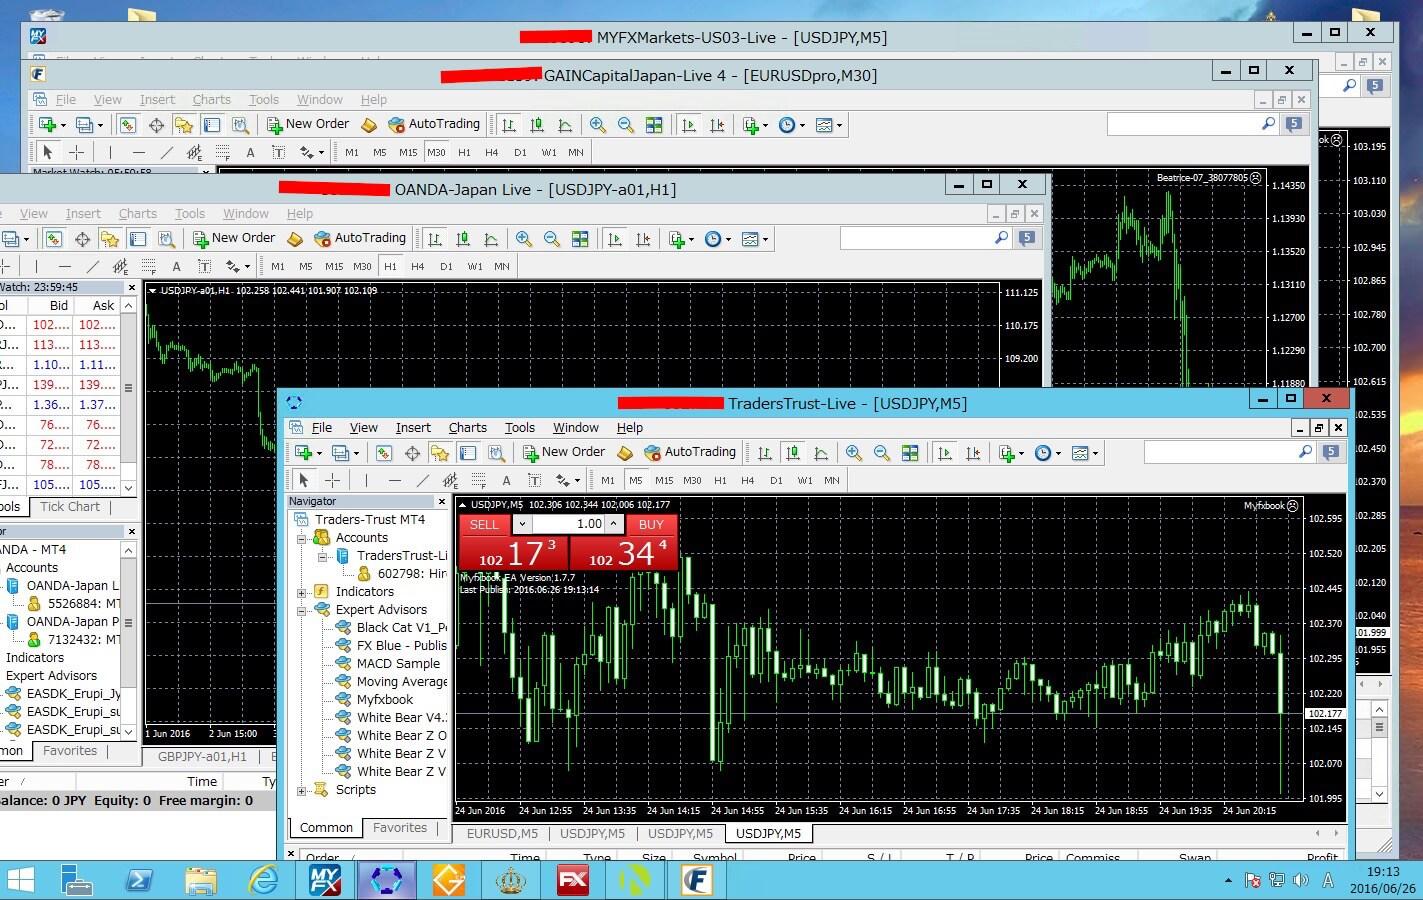 エイブルネットFX用VPSのデスクトップ画面